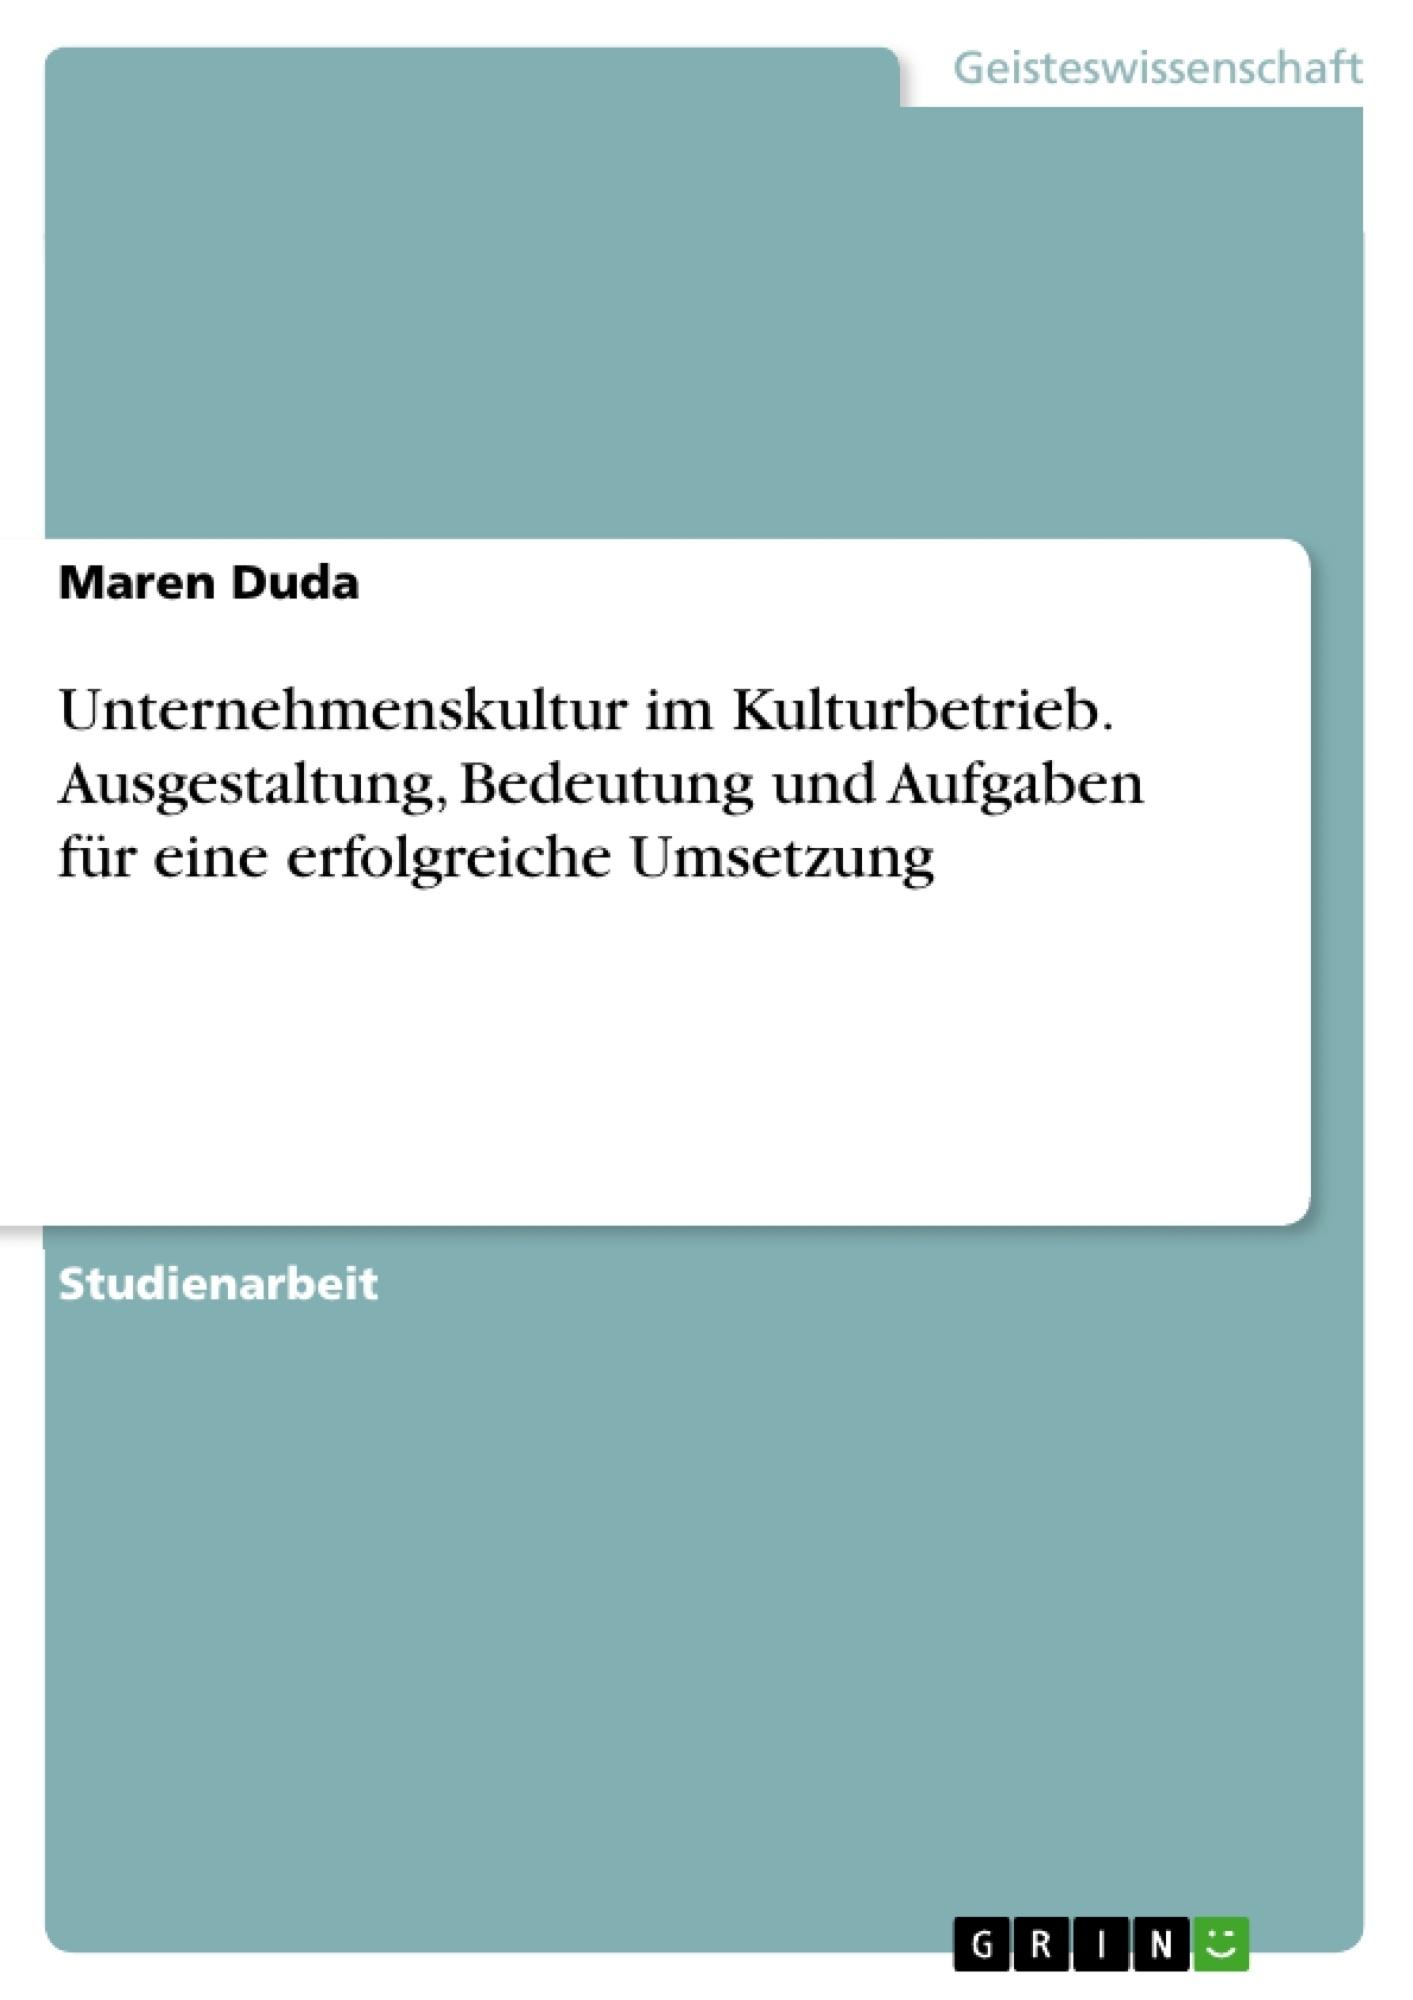 Titel: Unternehmenskultur im Kulturbetrieb. Ausgestaltung, Bedeutung und Aufgaben für eine erfolgreiche Umsetzung